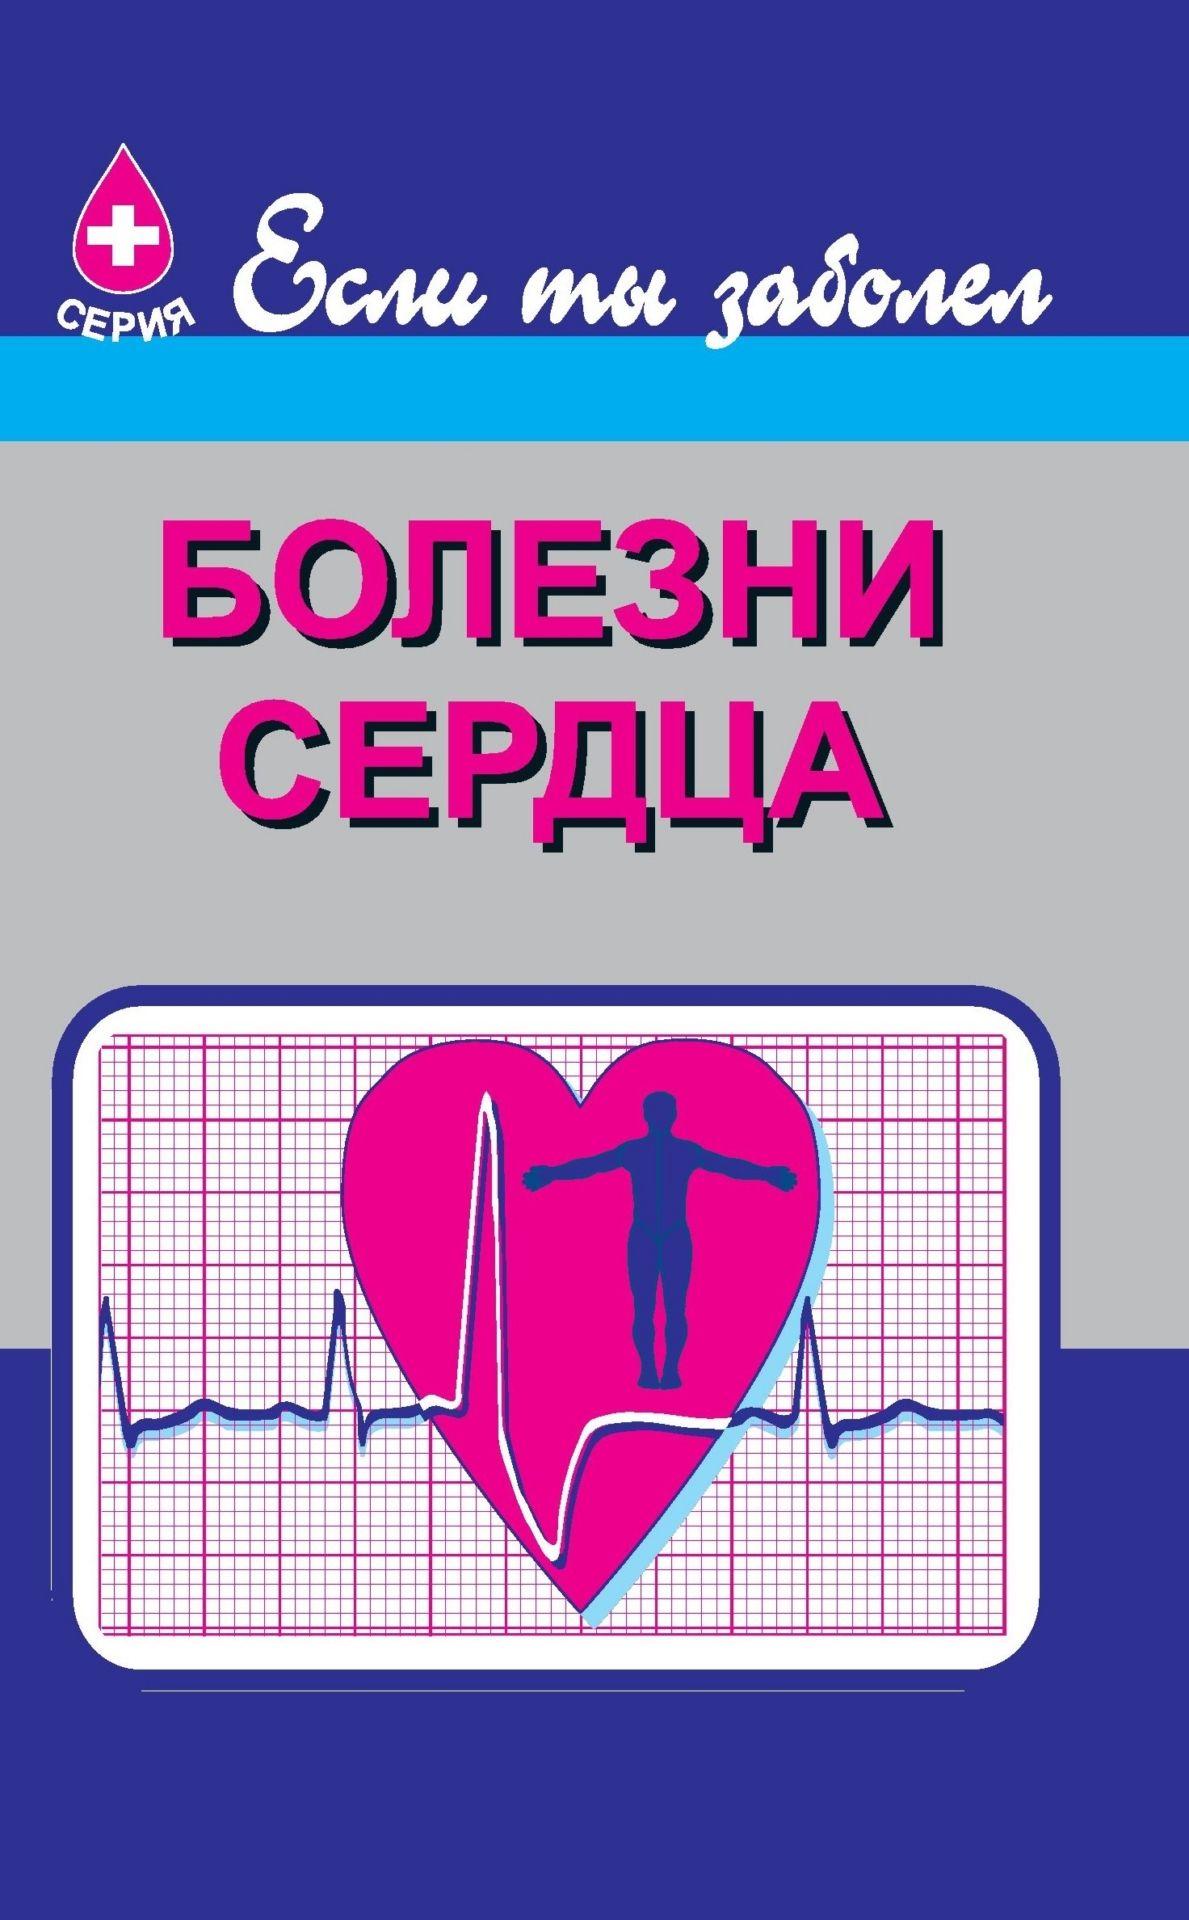 Болезни сердцаЗдоровье<br>В пособии серии Если ты заболел рассматриваются самые распространенные и наиболее тяжелые формы ишемической болезни сердца - стенокардия и инфаркт миокарда, даются описание клиники этих заболеваний, методы их диагностики, профилактики и лечения.Предназн...<br><br>Авторы: Крючкова Л. А.<br>Год: 2004<br>Серия: Если ты заболел<br>ISBN: 5-7057-0050-4<br>Высота: 195<br>Ширина: 140<br>Толщина: 4